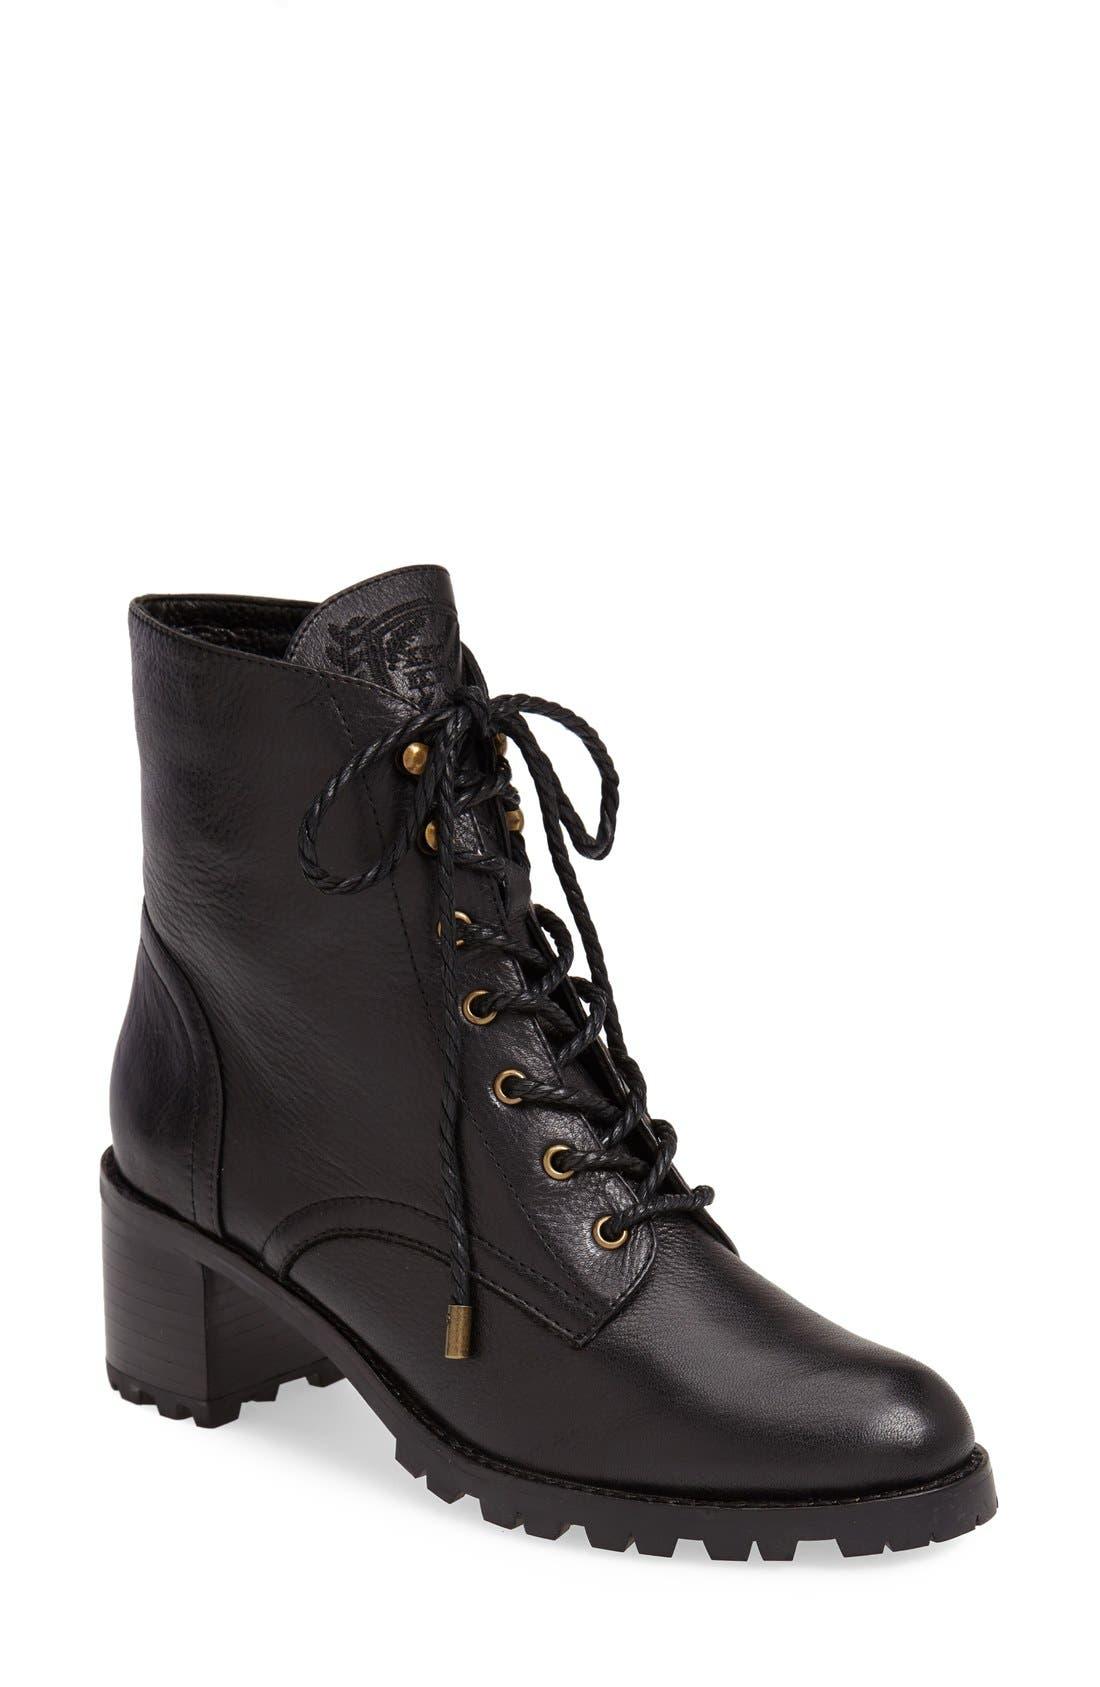 Main Image - Joie 'Ashbury' Boot (Women)